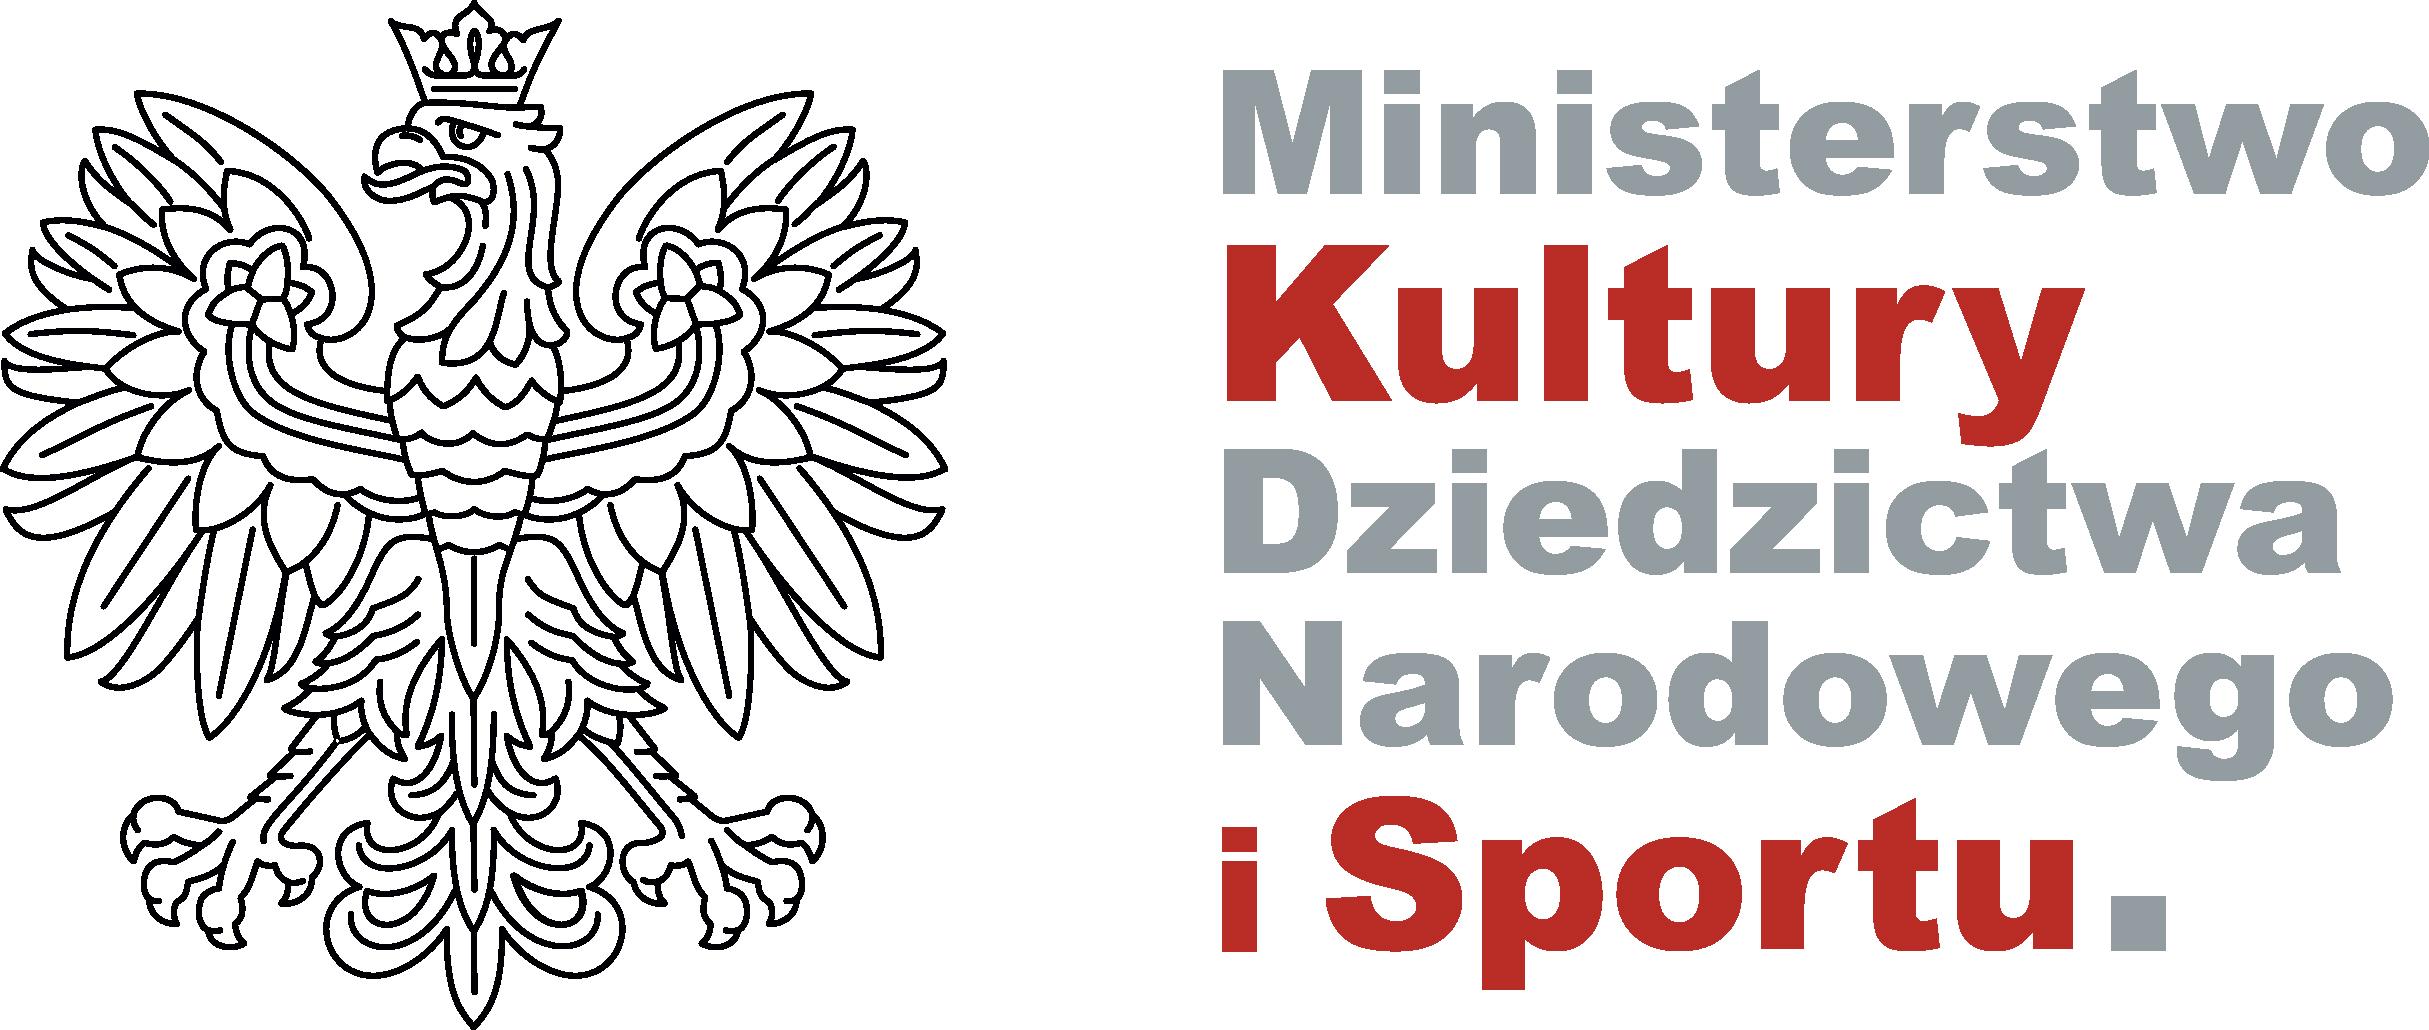 Logo Ministerstawa Kultury Dziedzictwa Narodowego iSportu